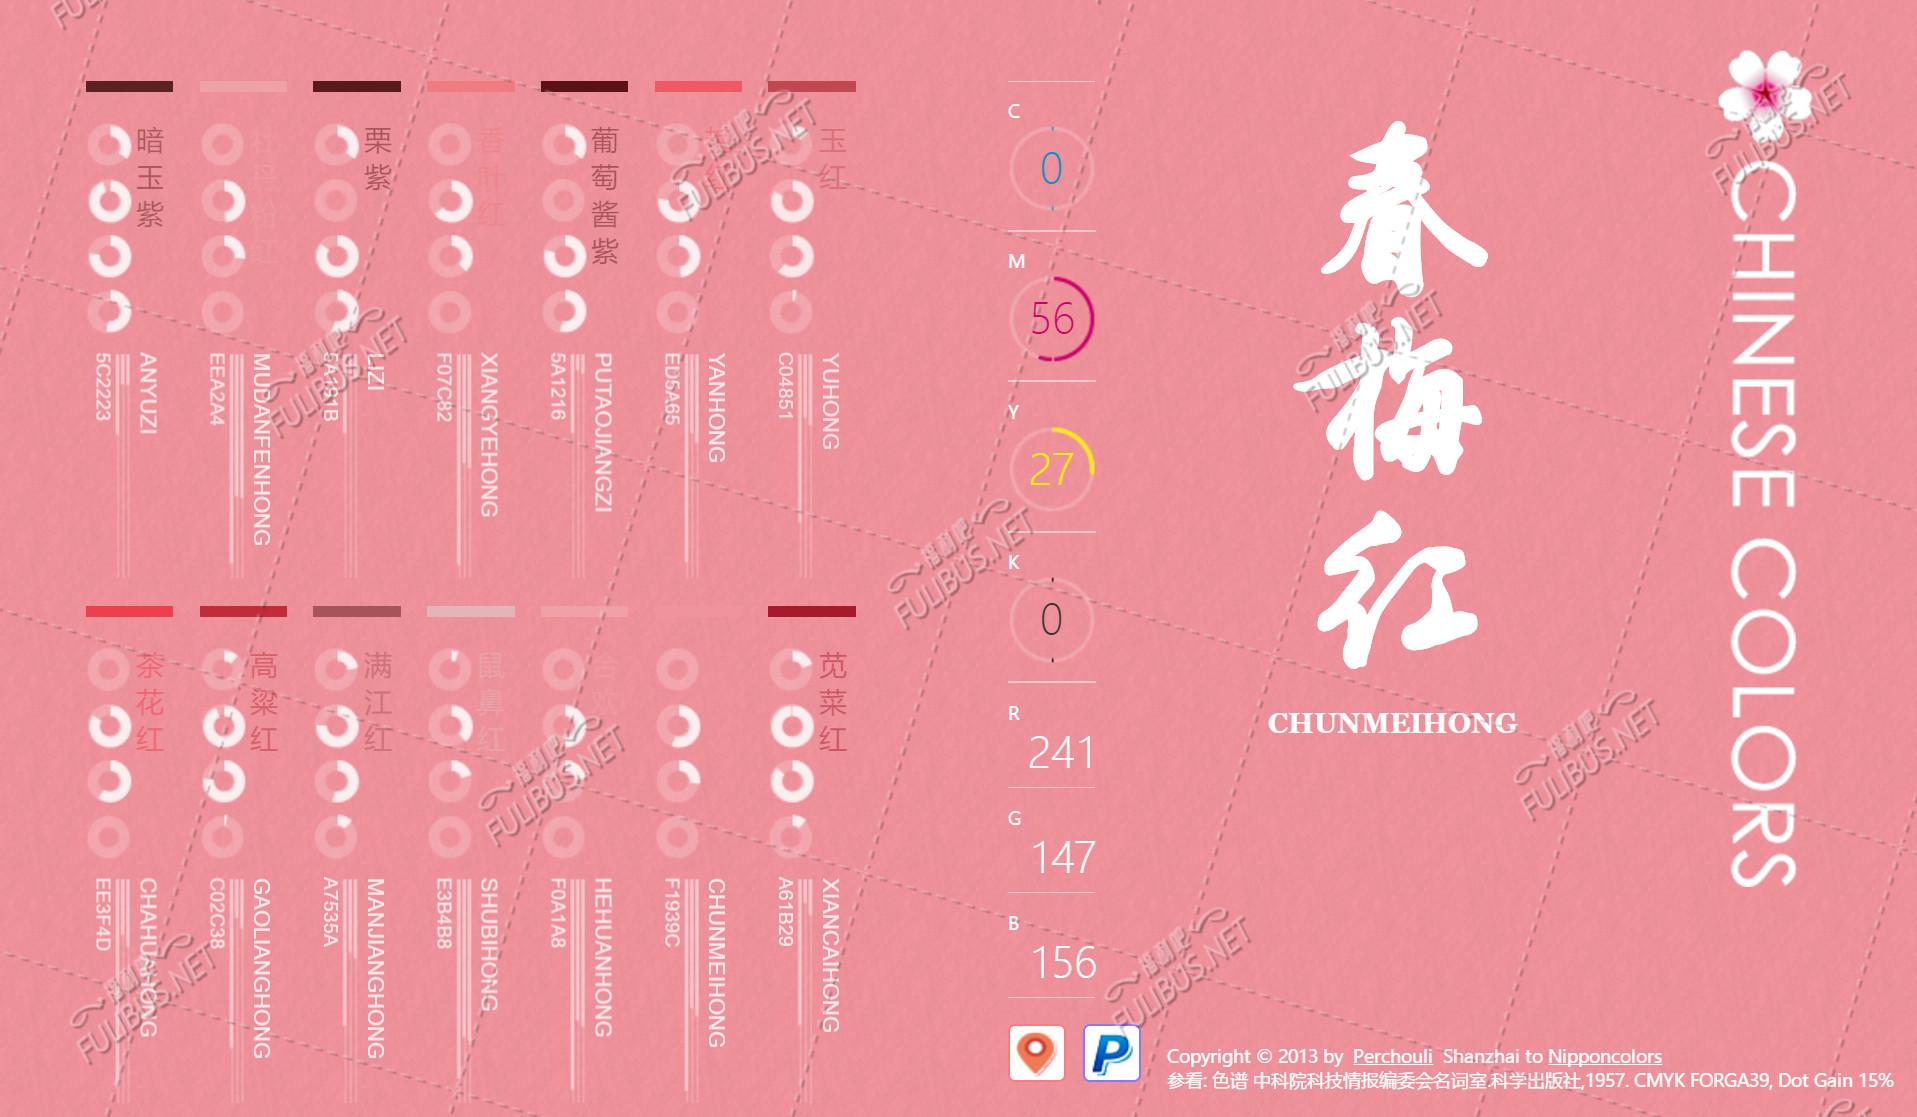 趣味网站第14期 小鸡词典/中国配色/名著地图/海洋之音/LOGO设计  文章推荐  图2